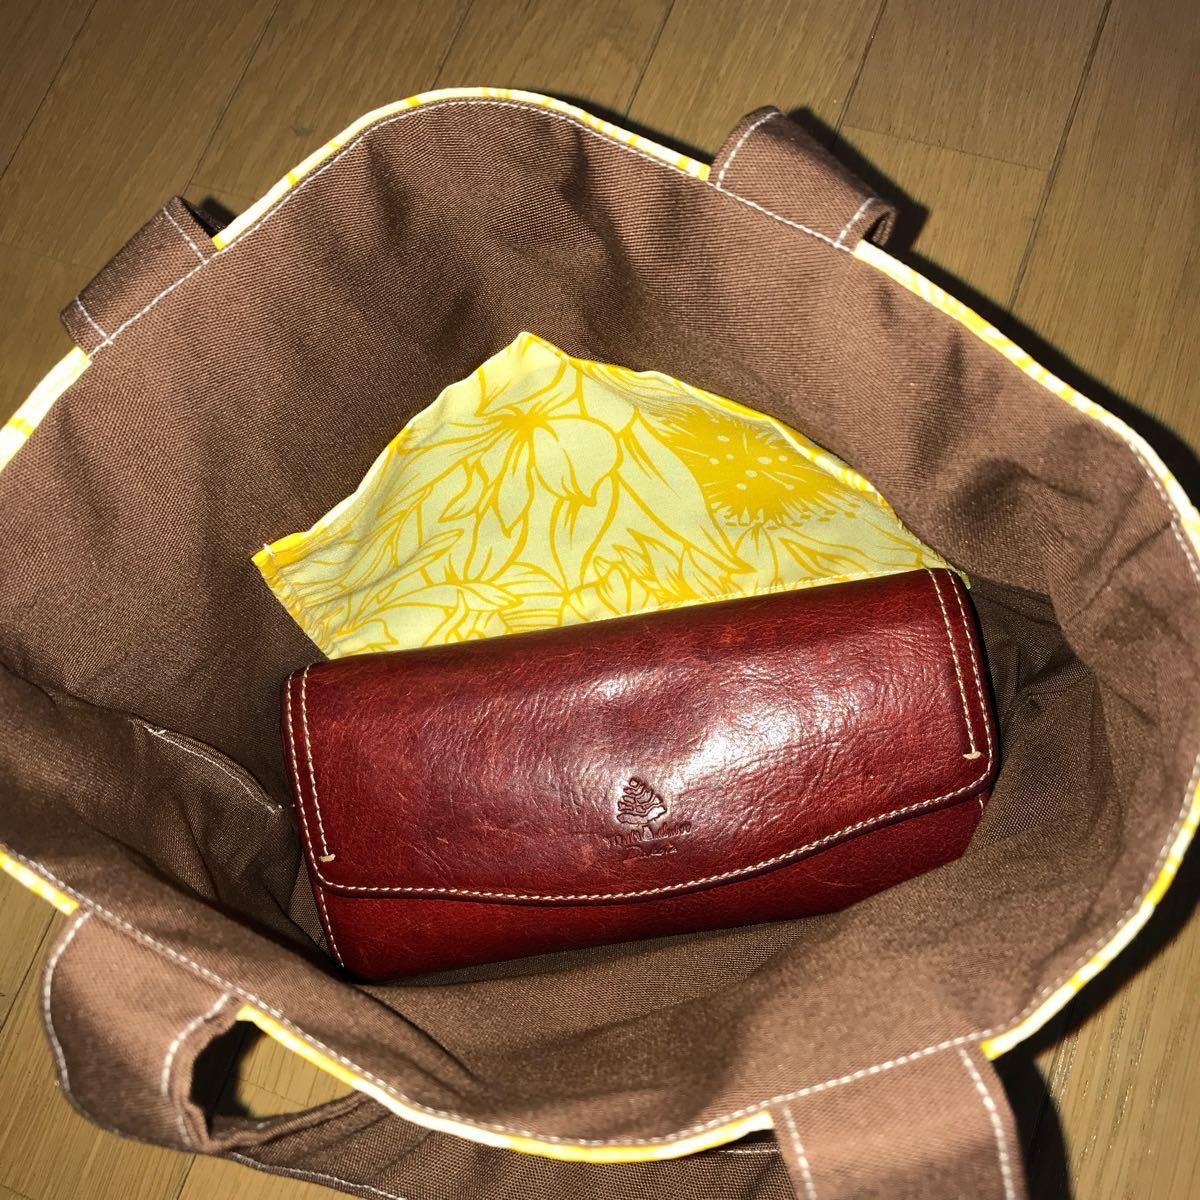 ハンドメイド トートバッグ 黄色ハイビスカス